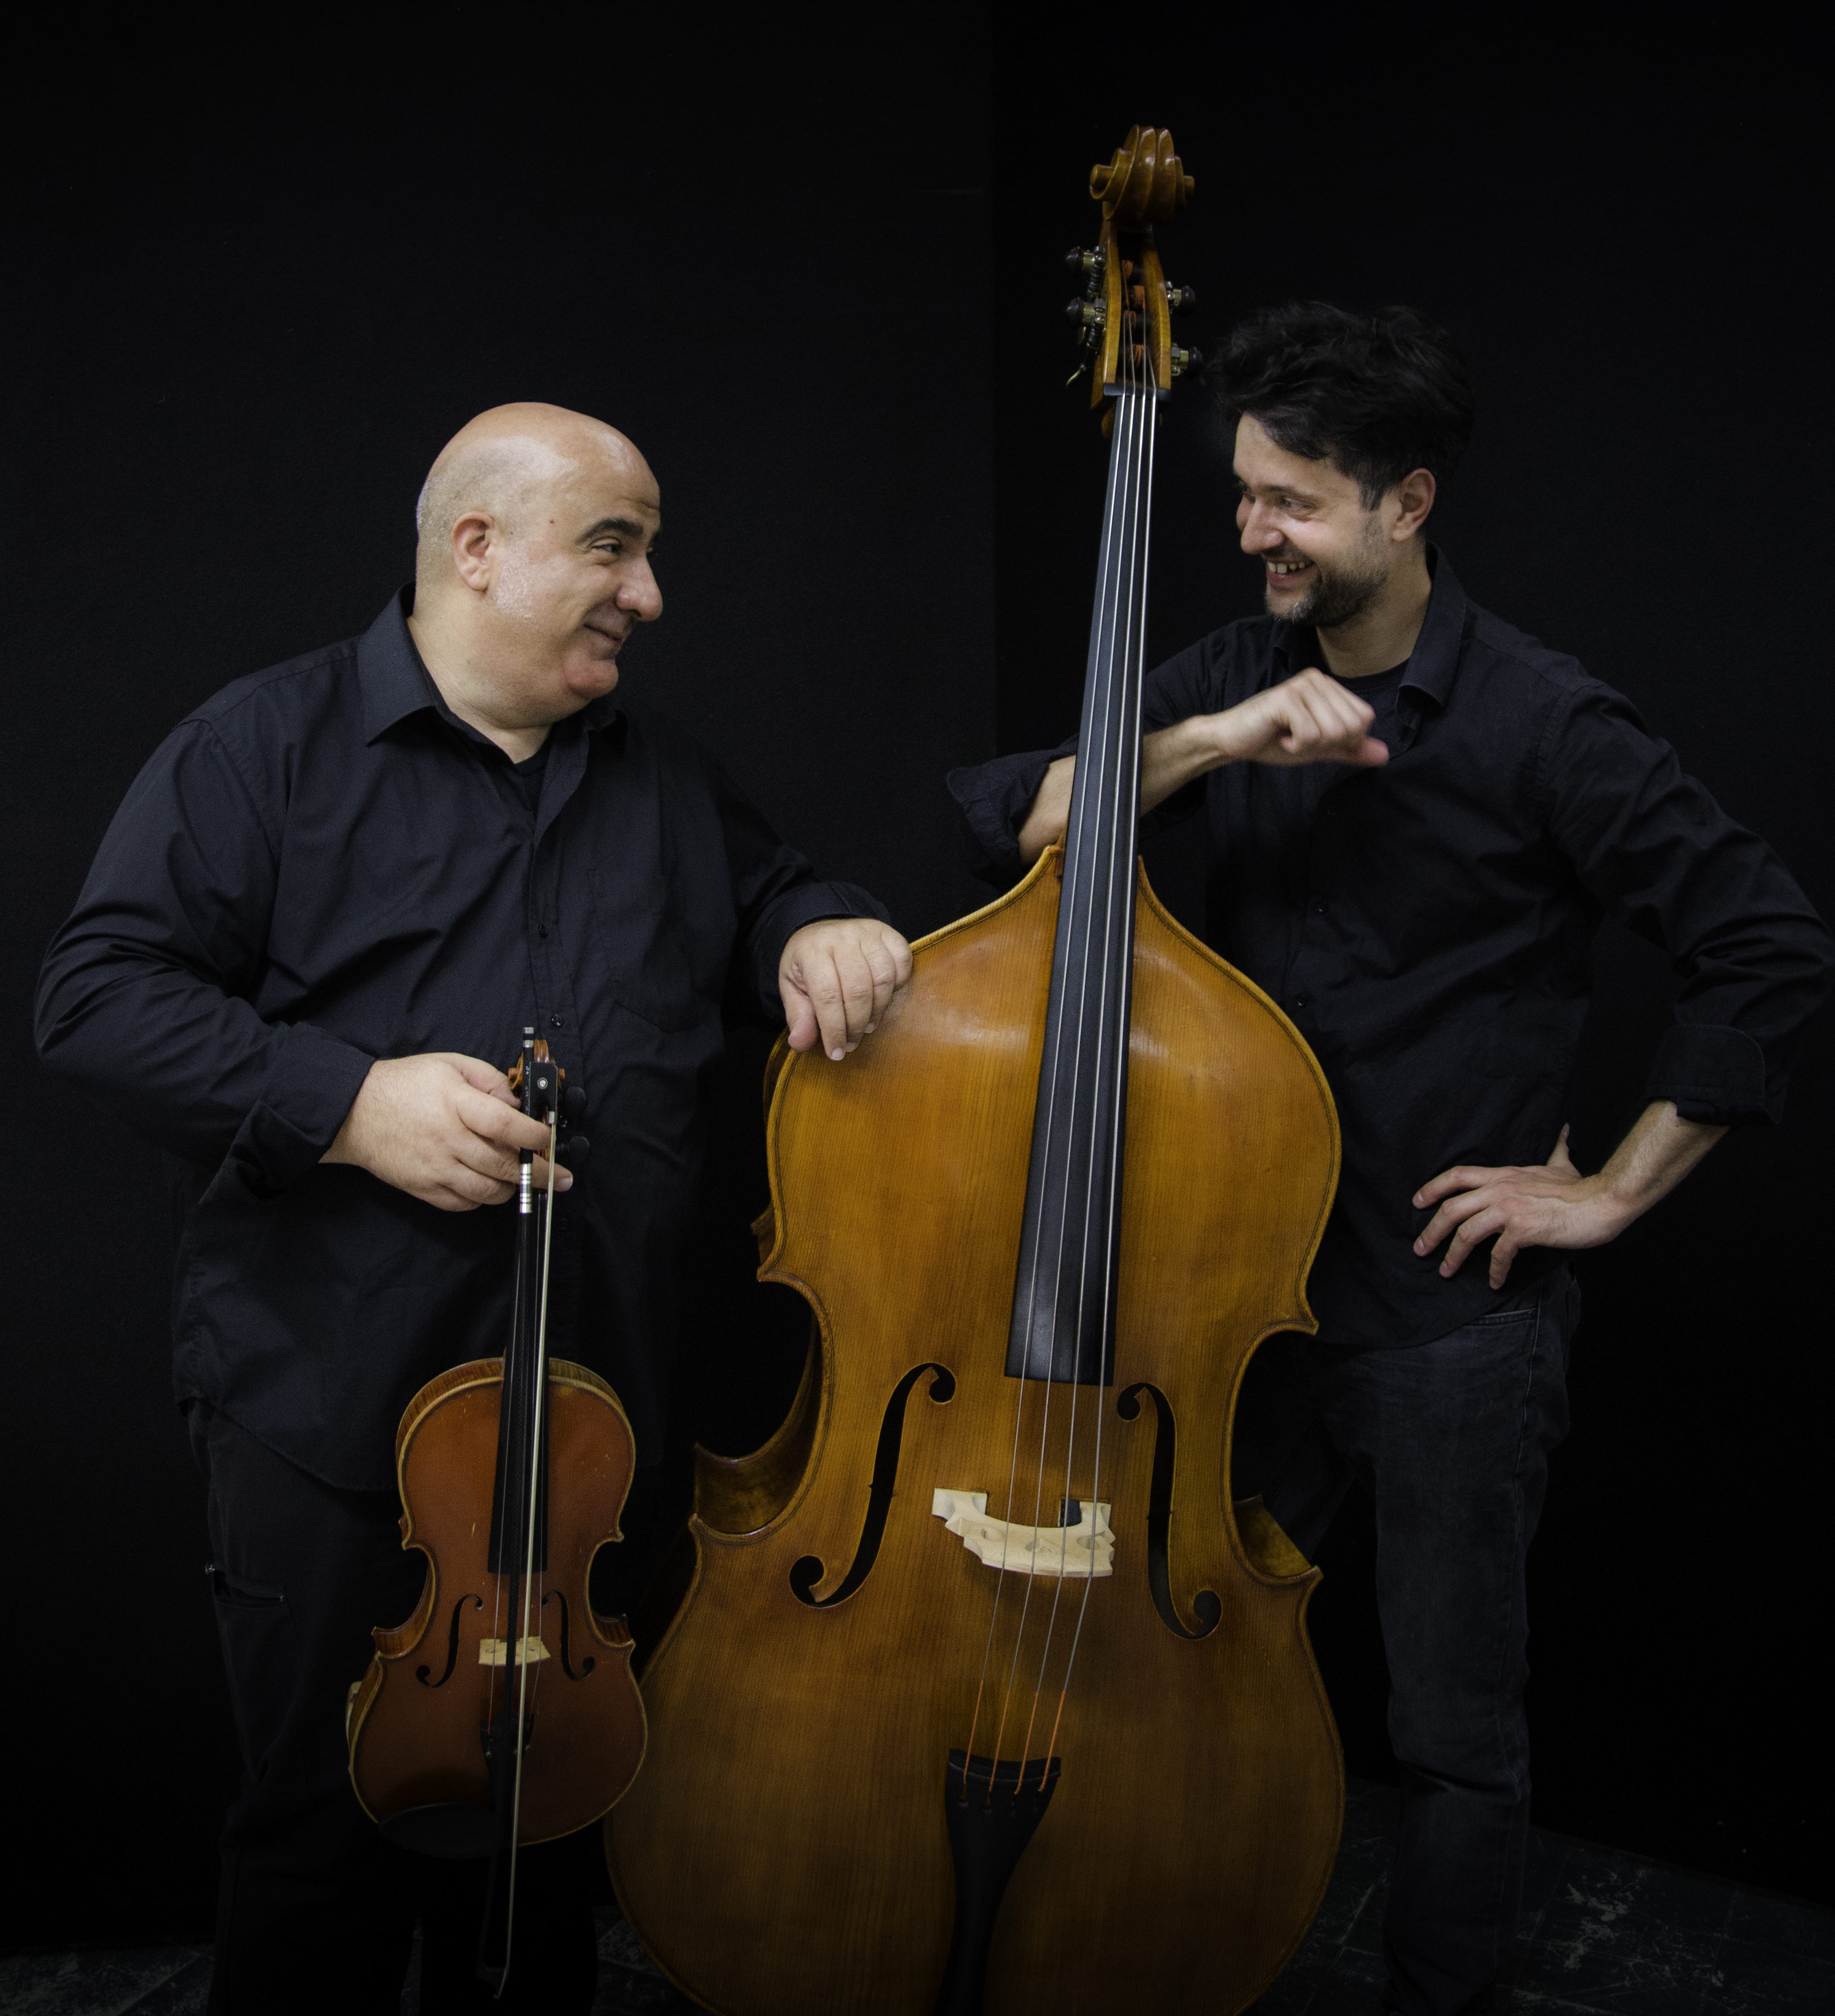 Novensemble Musica dal vivo Bologna